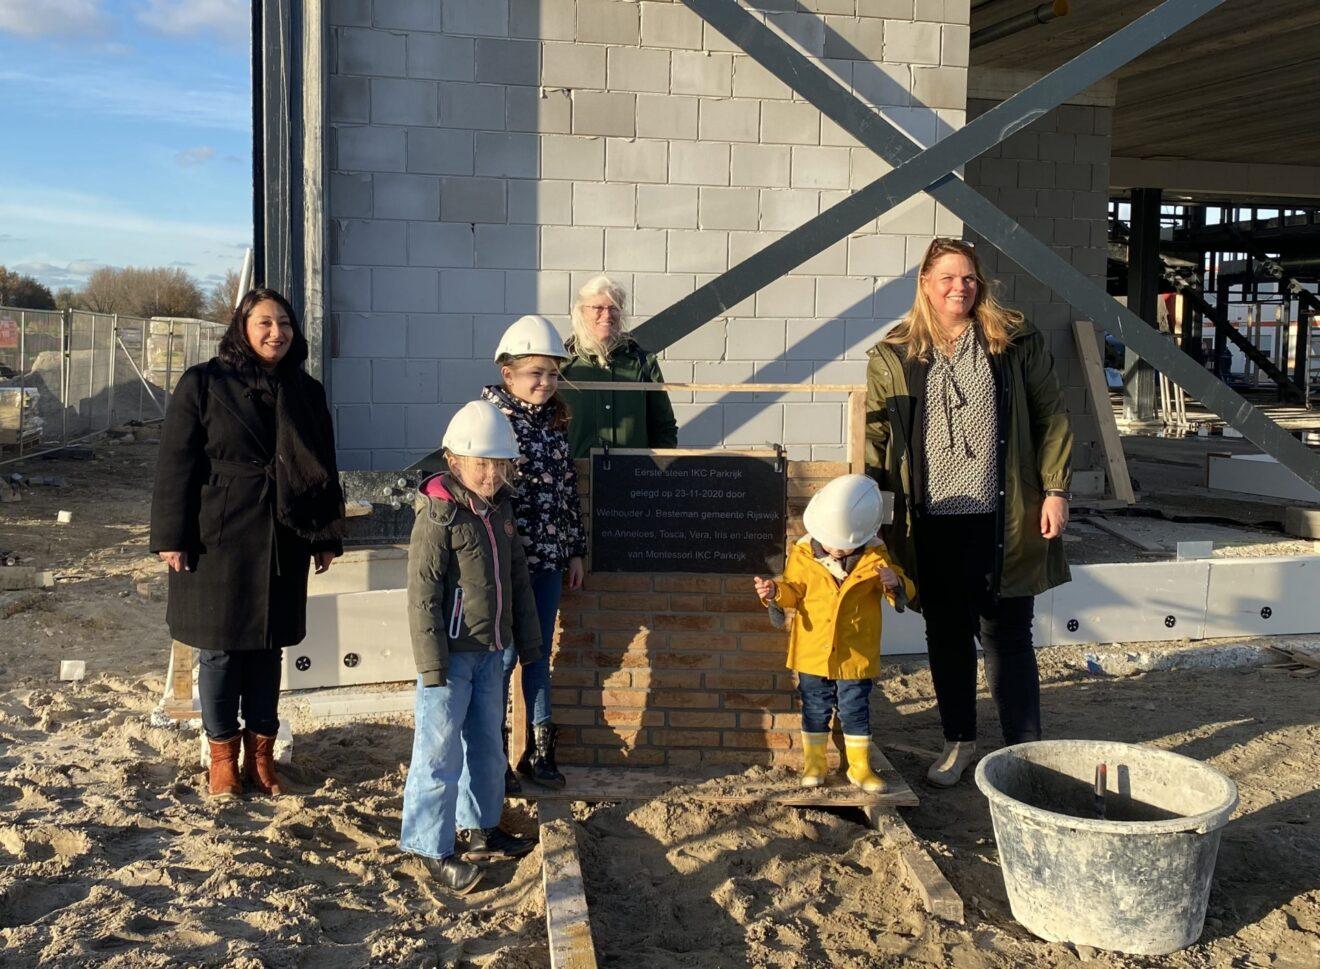 Eerste steen IKC Parkrijk 23-11-2020